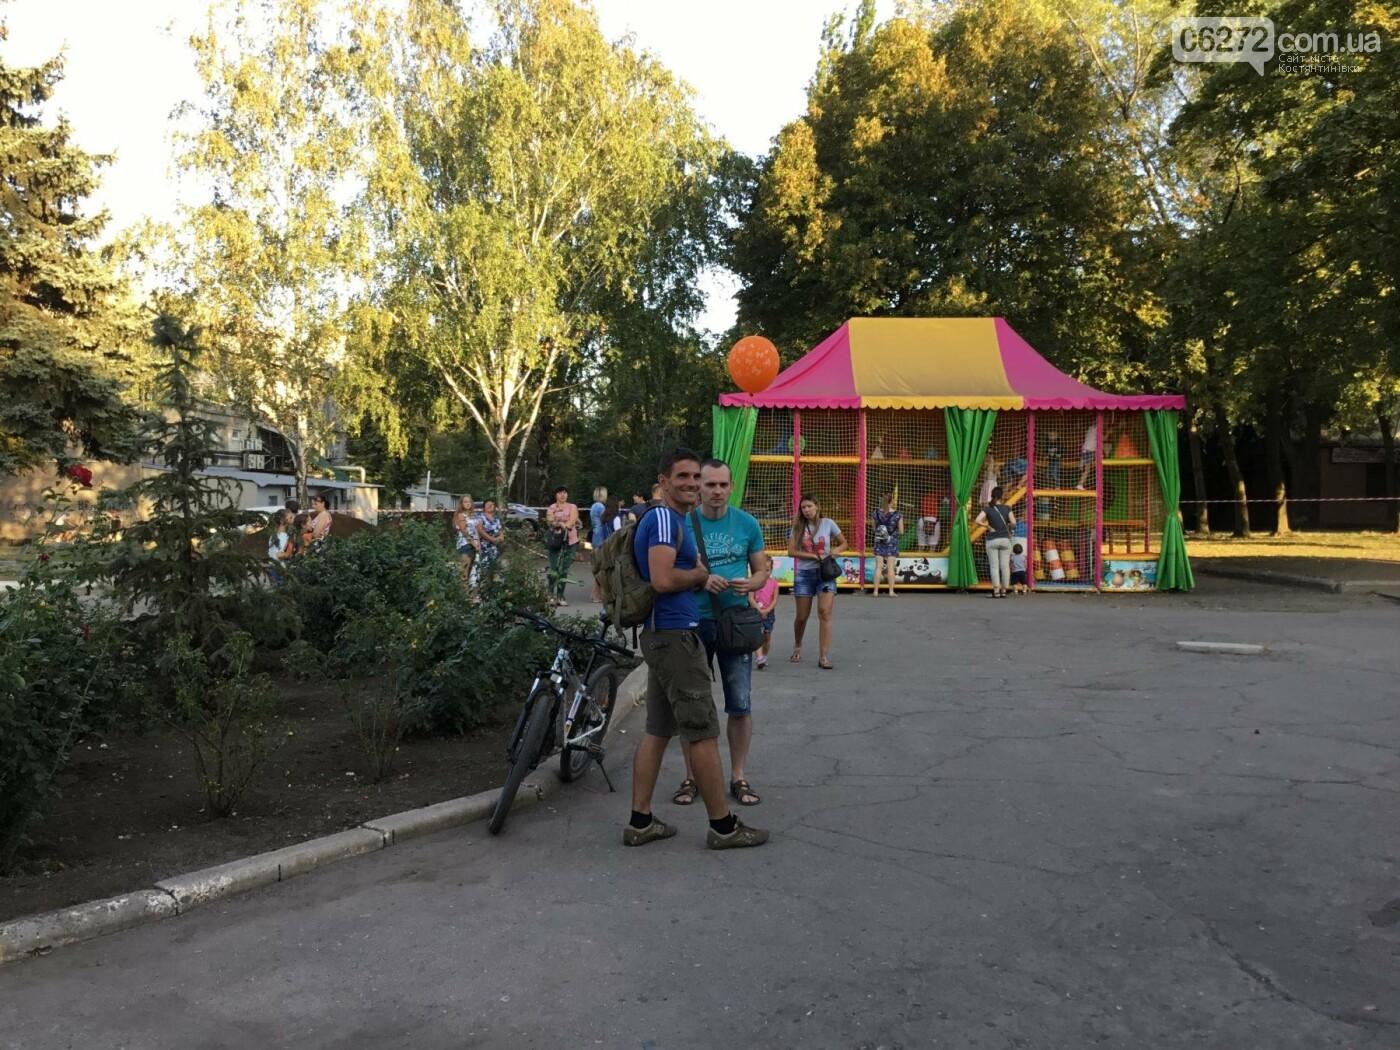 Вчера в Константиновке состоялся благотворительный праздник для детей (видео), фото-17